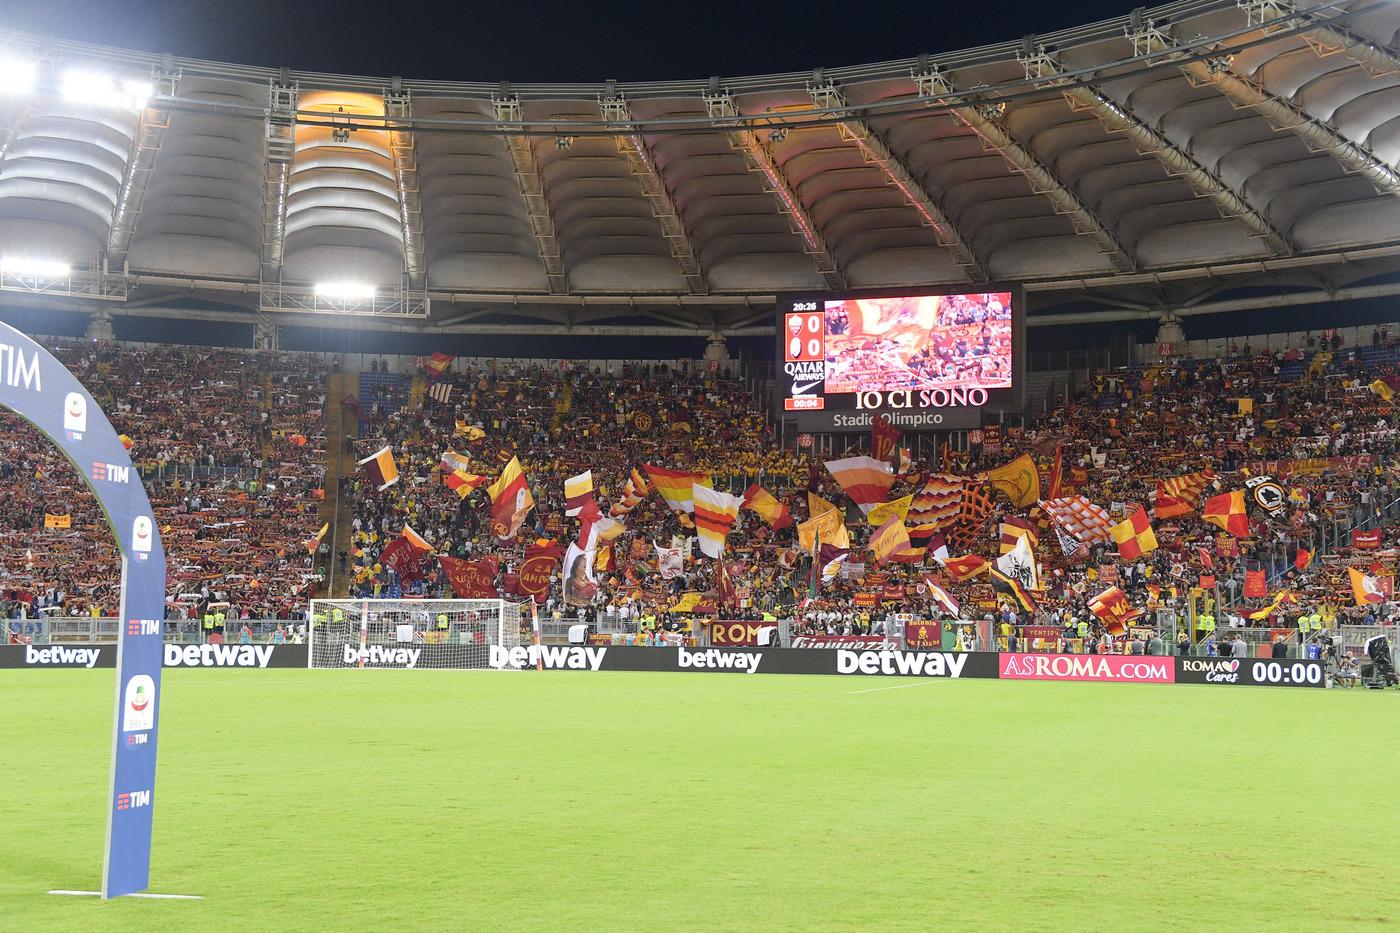 roma_atalanta_curva_sud_02.jpg